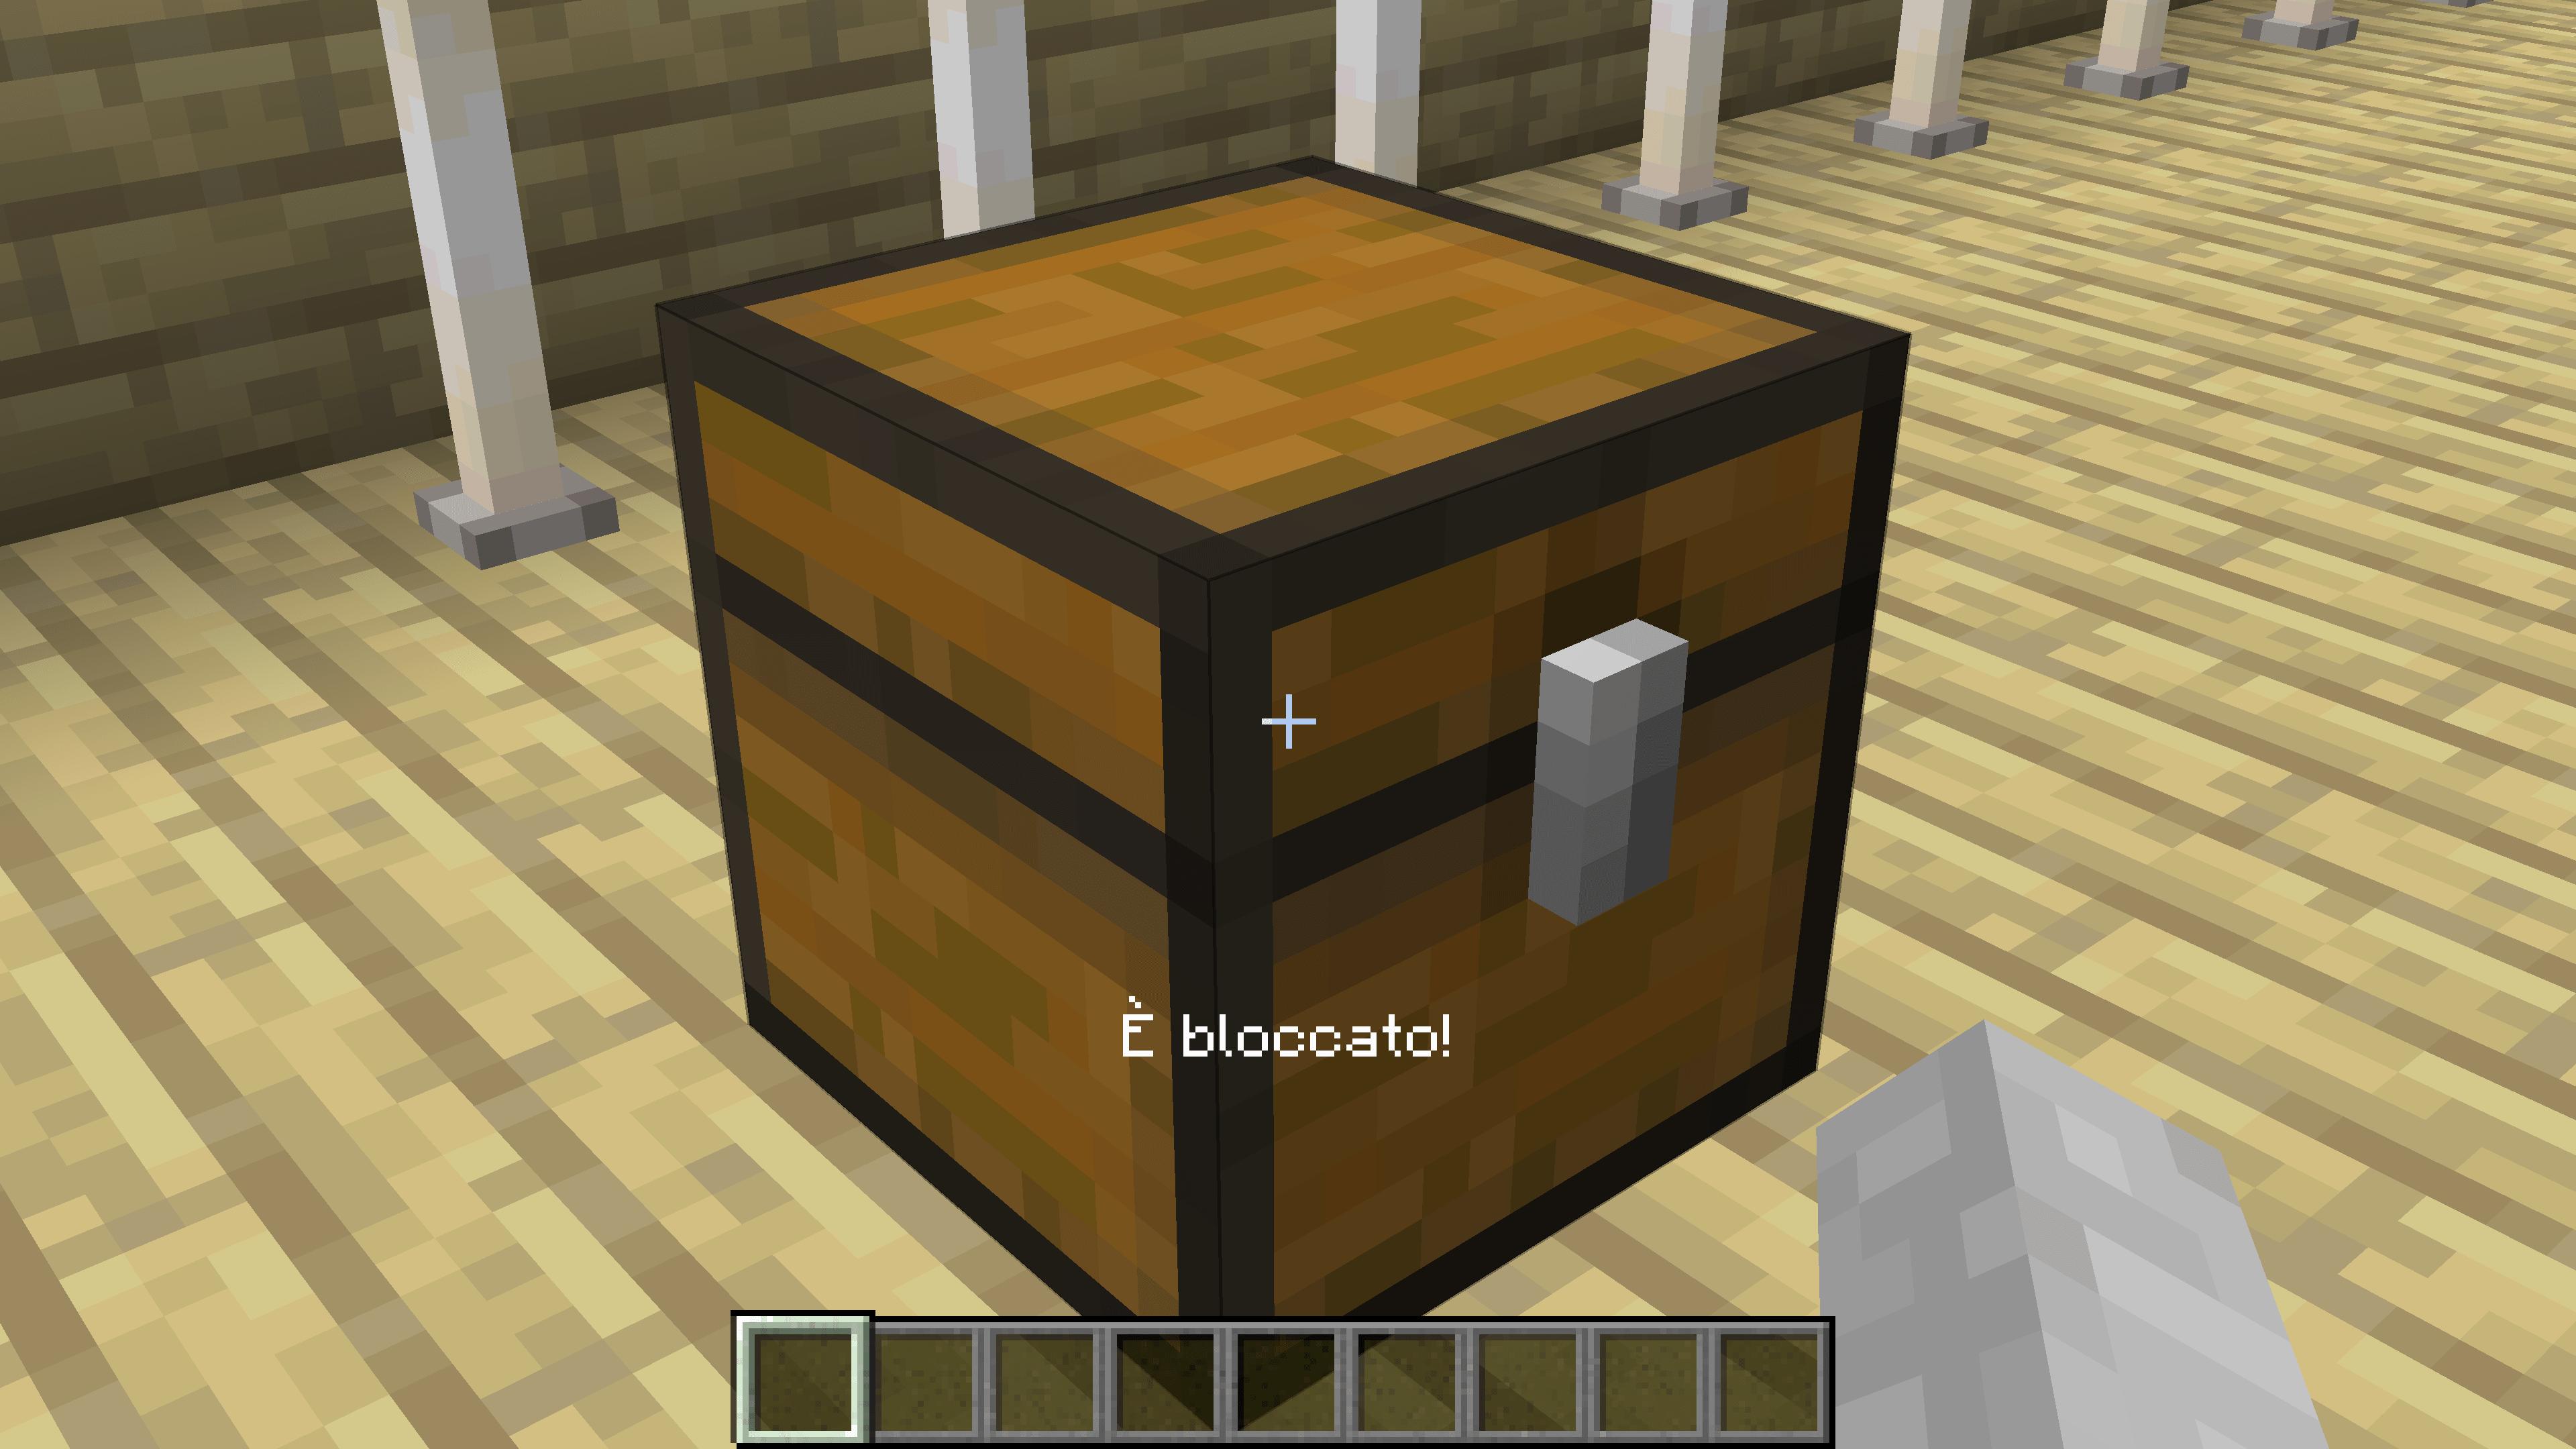 Introduzione su come bloccare le casse su Minecraft. Richiederà un Comando solo.